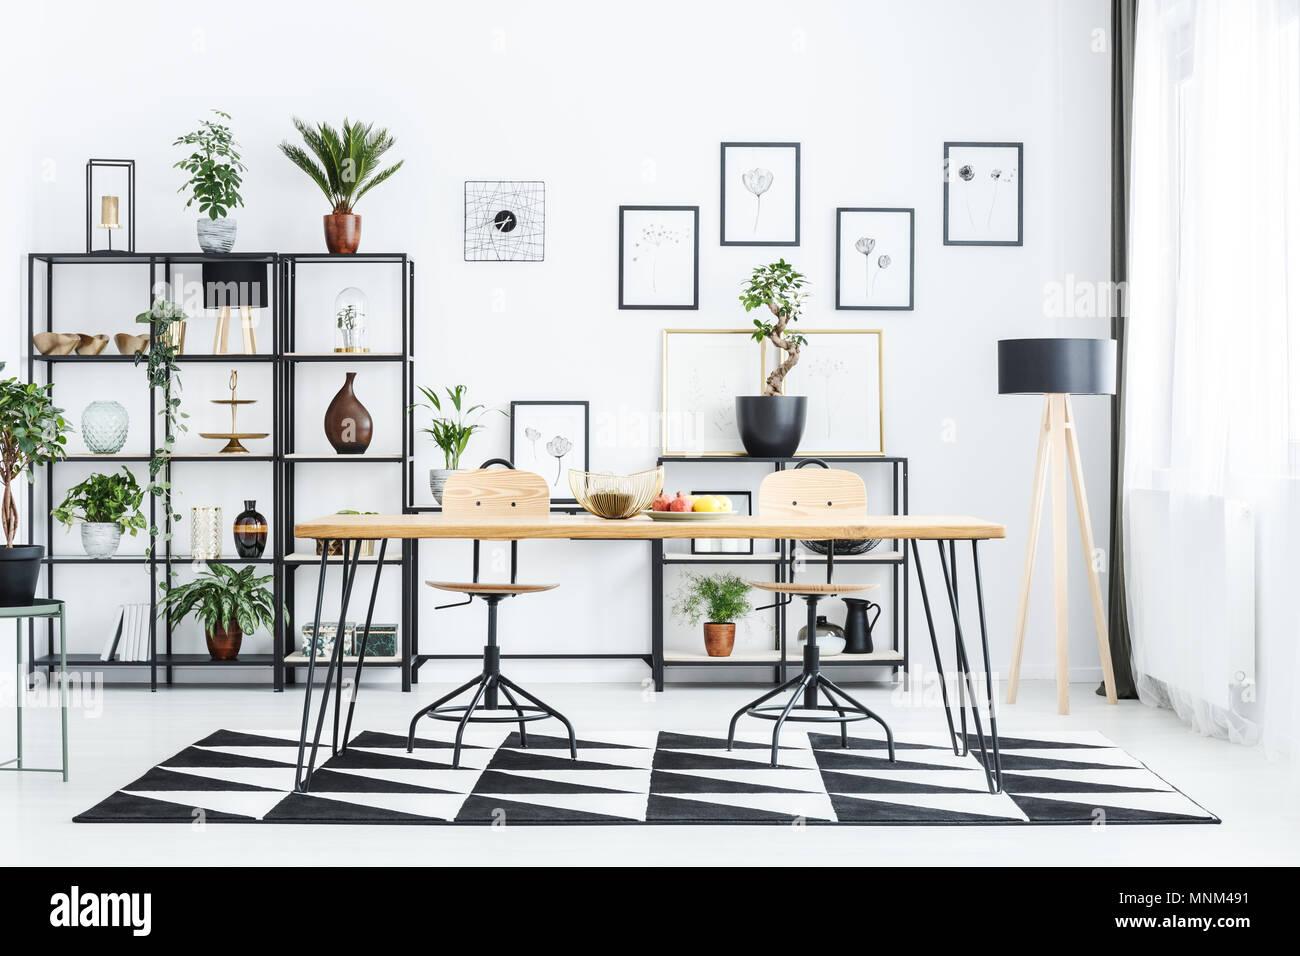 Holz Stuhl am Tisch, auf geometrische Teppich in scandi Esszimmer Innenraum mit Lampe Stockbild